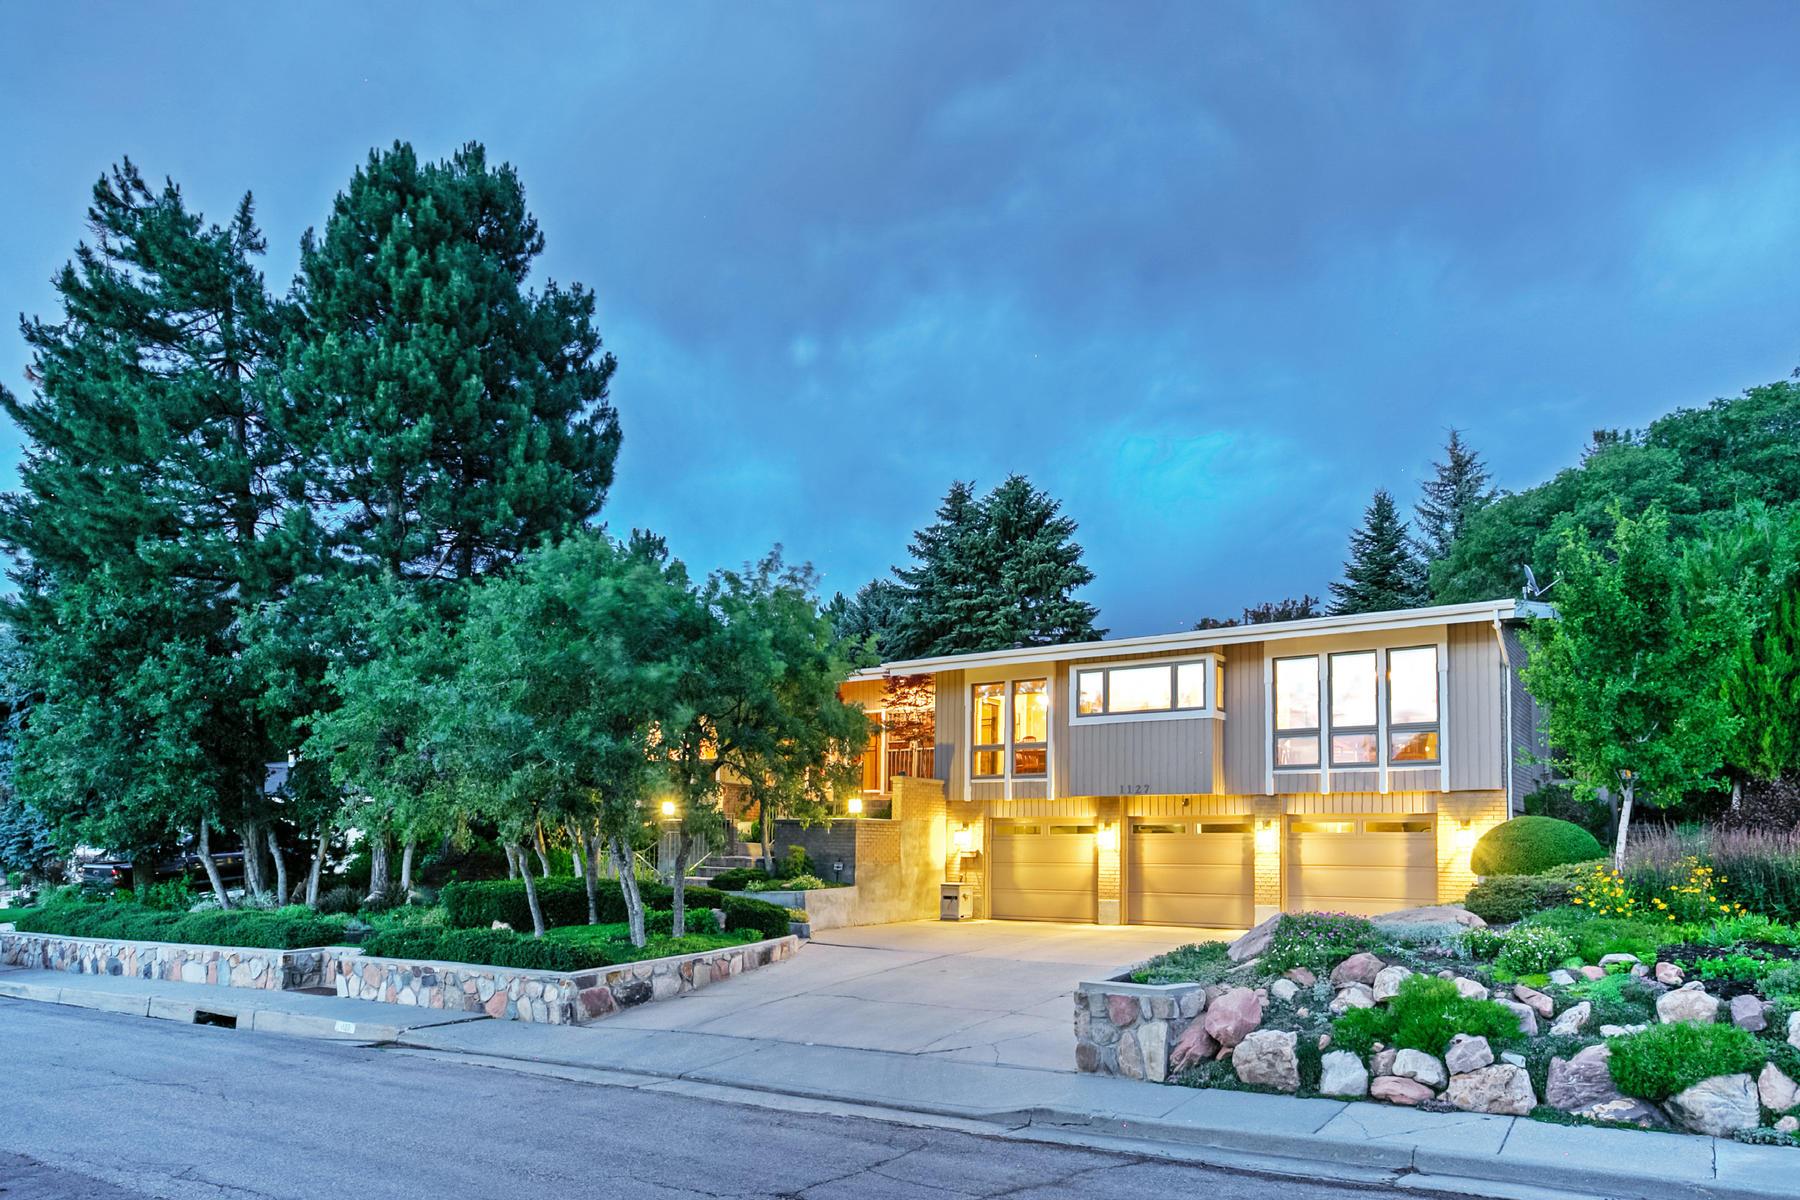 独户住宅 为 销售 在 1127 Oak Hills Way 盐湖城市, 犹他州, 84108 美国